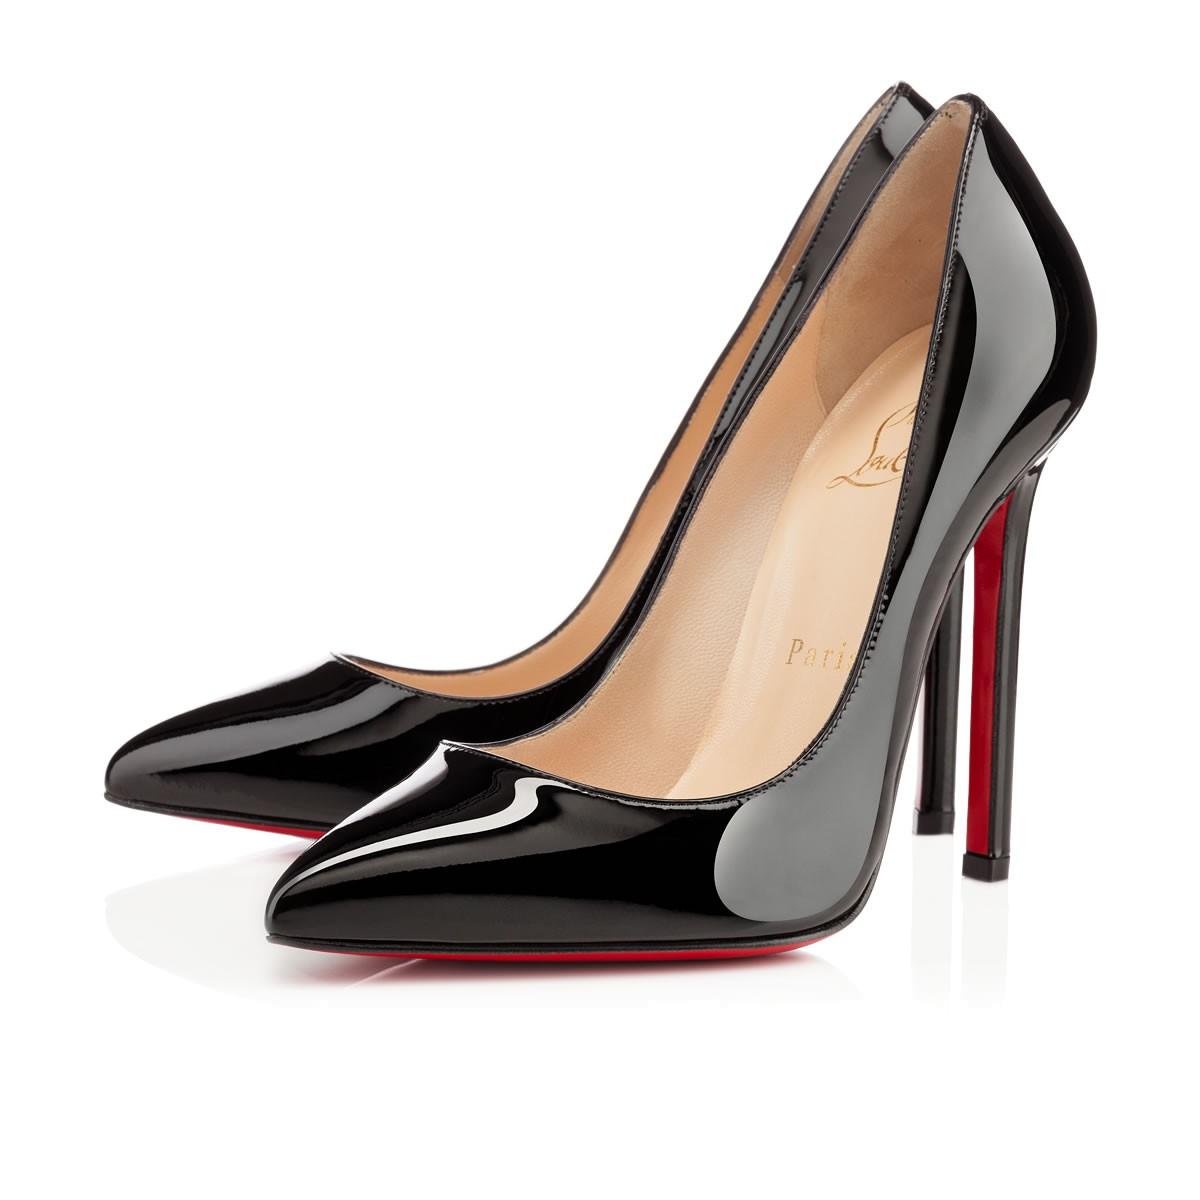 scarpe di christian louboutin